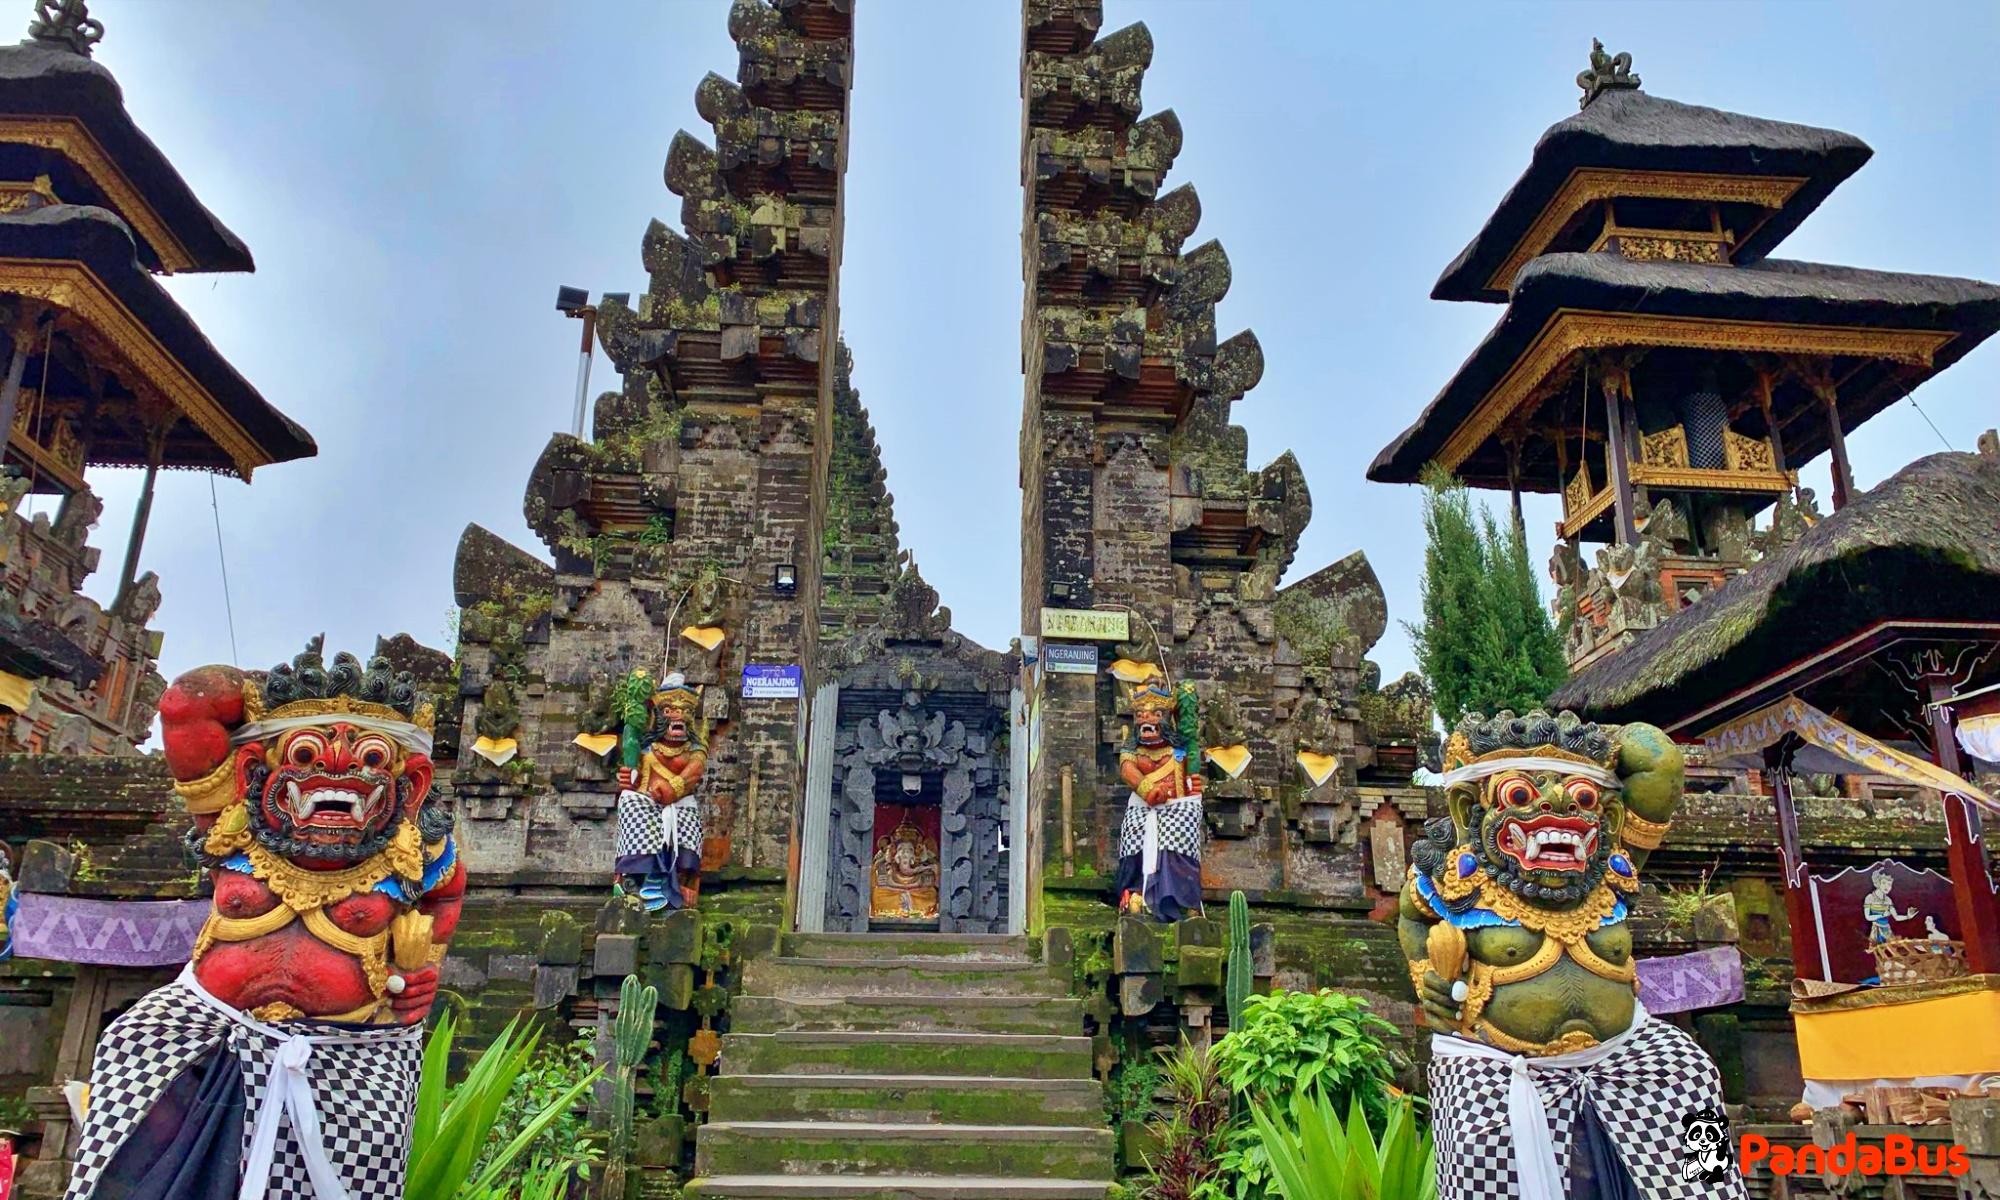 世界遺産『ウルンダヌバトゥール寺院』バトゥール湖の守護神を祀る寺院